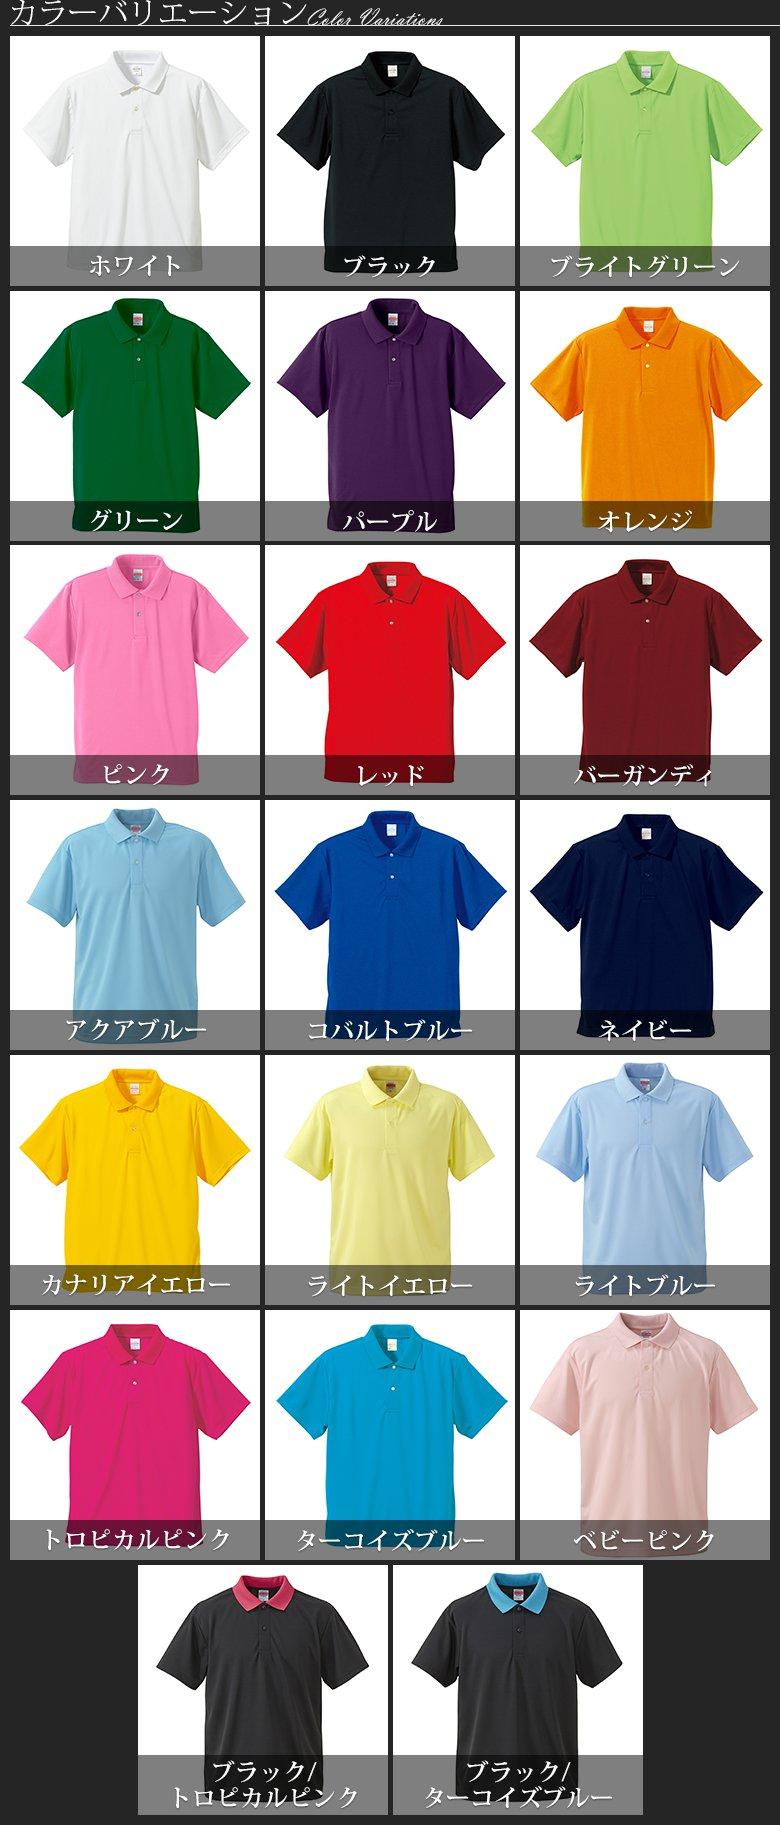 ドライ ポロシャツ 半袖 UVカット 商品カラー一覧